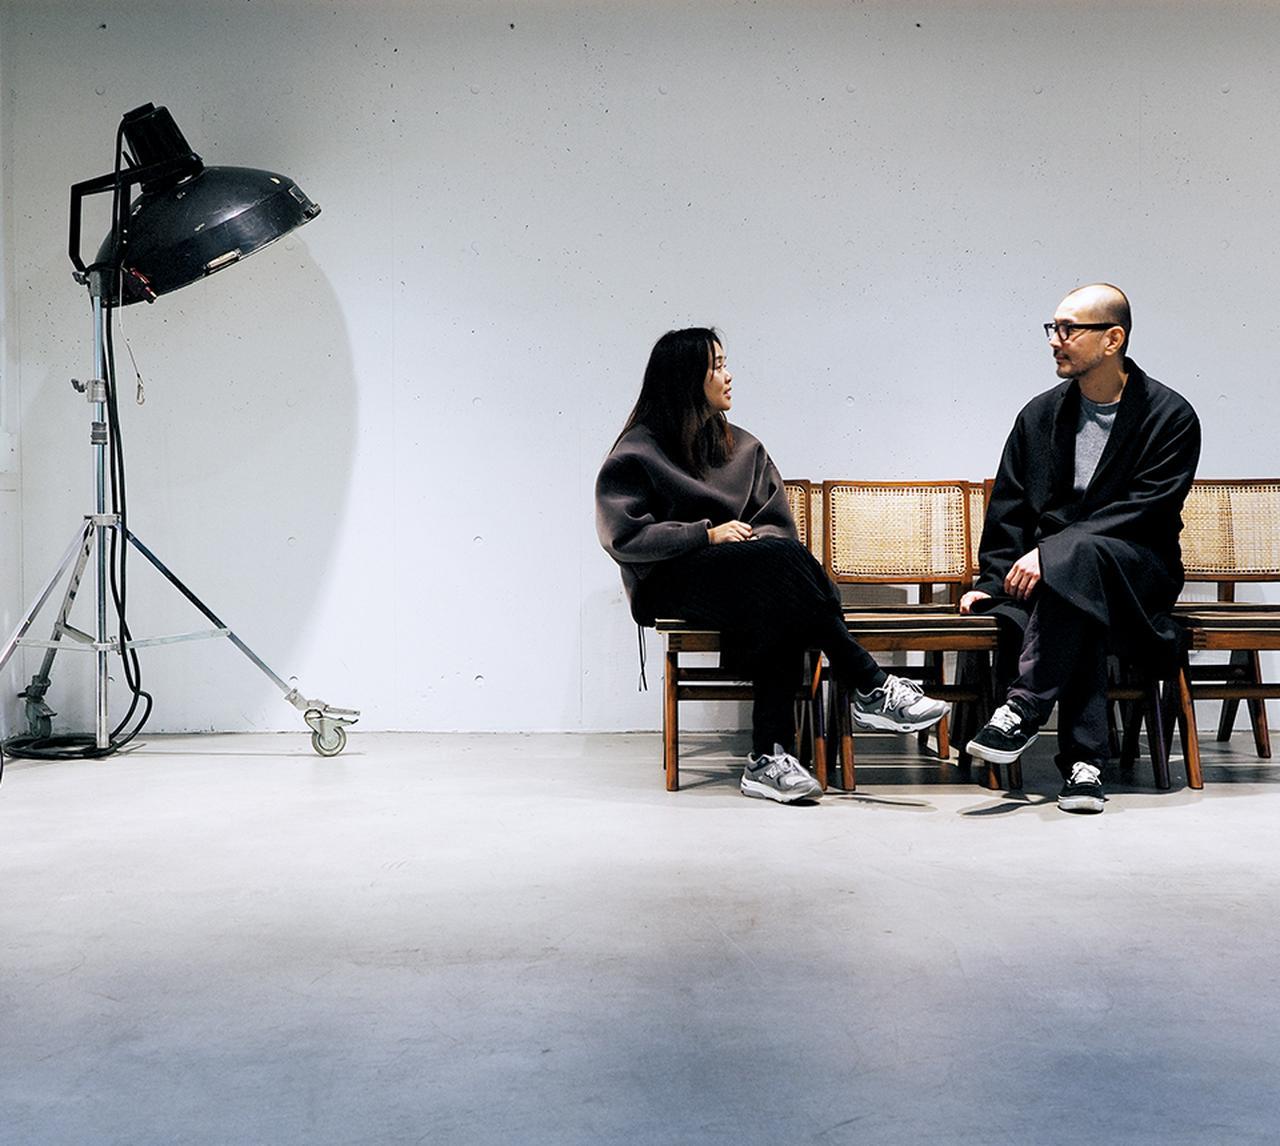 Images : 1番目の画像 - 「その服作りは、 ぶれることなく進化する。 HYKEが無二である理由」のアルバム - T JAPAN:The New York Times Style Magazine 公式サイト